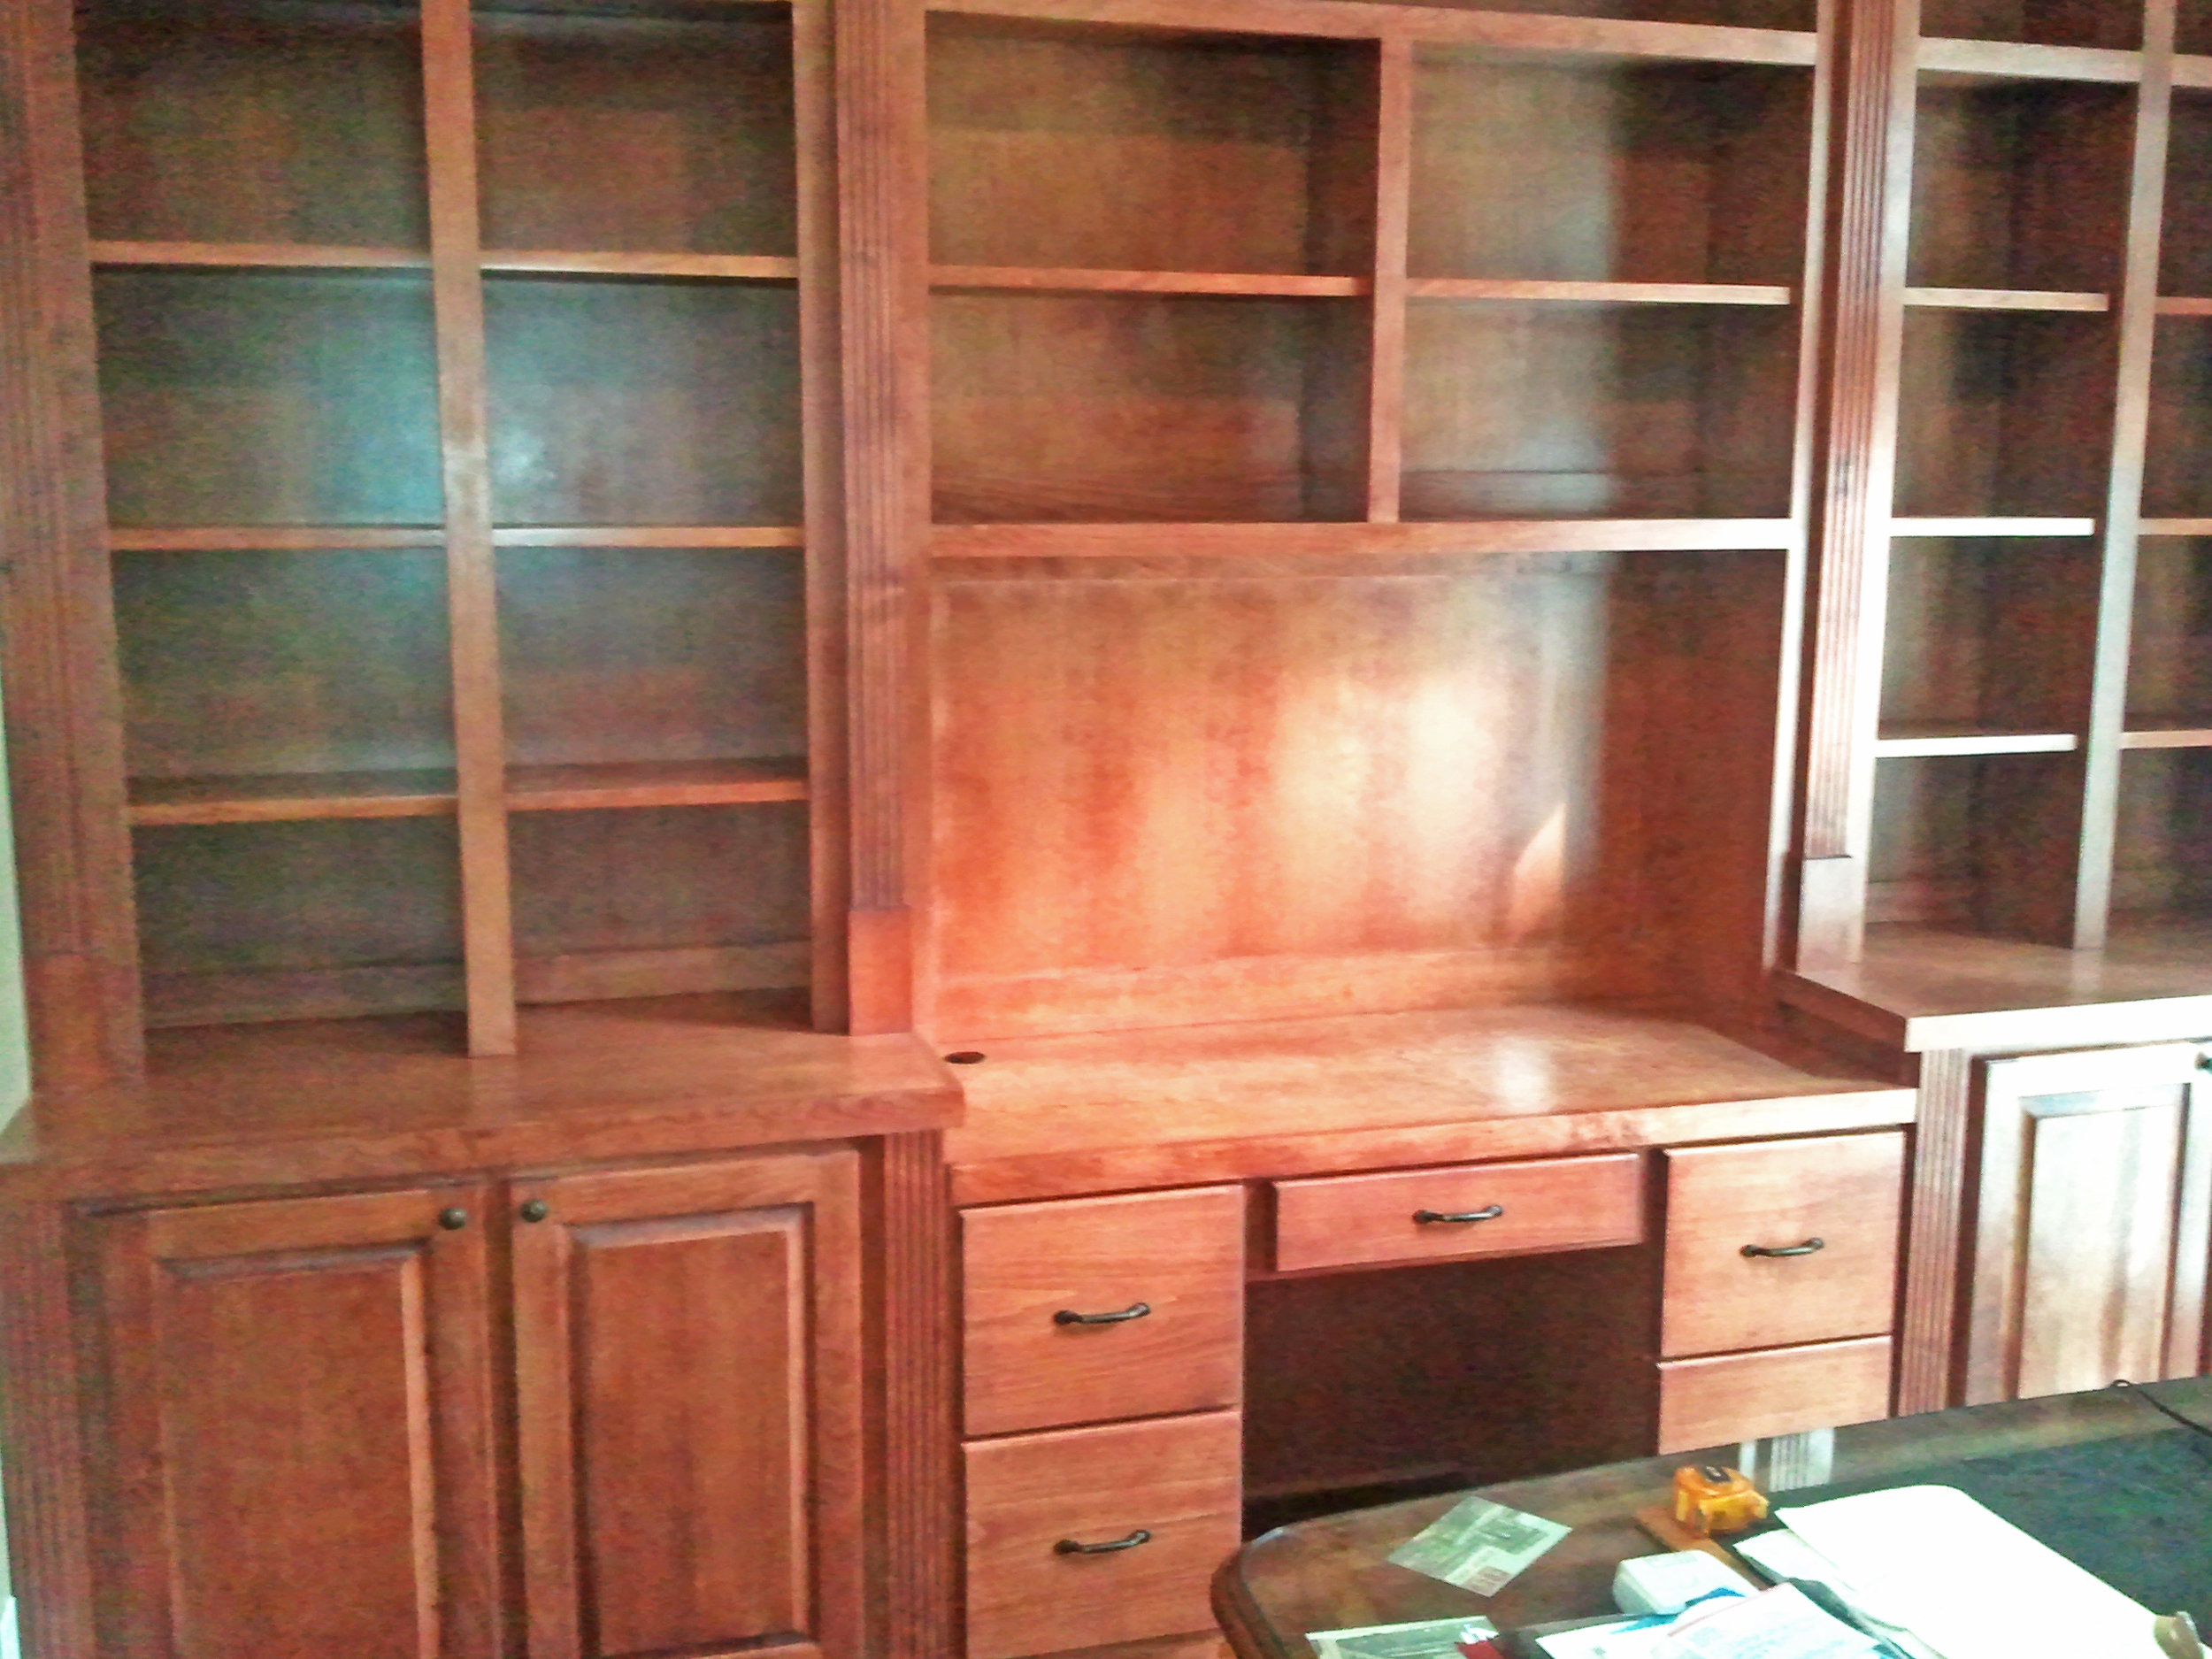 Stain Grade Built-in Desk.jpg